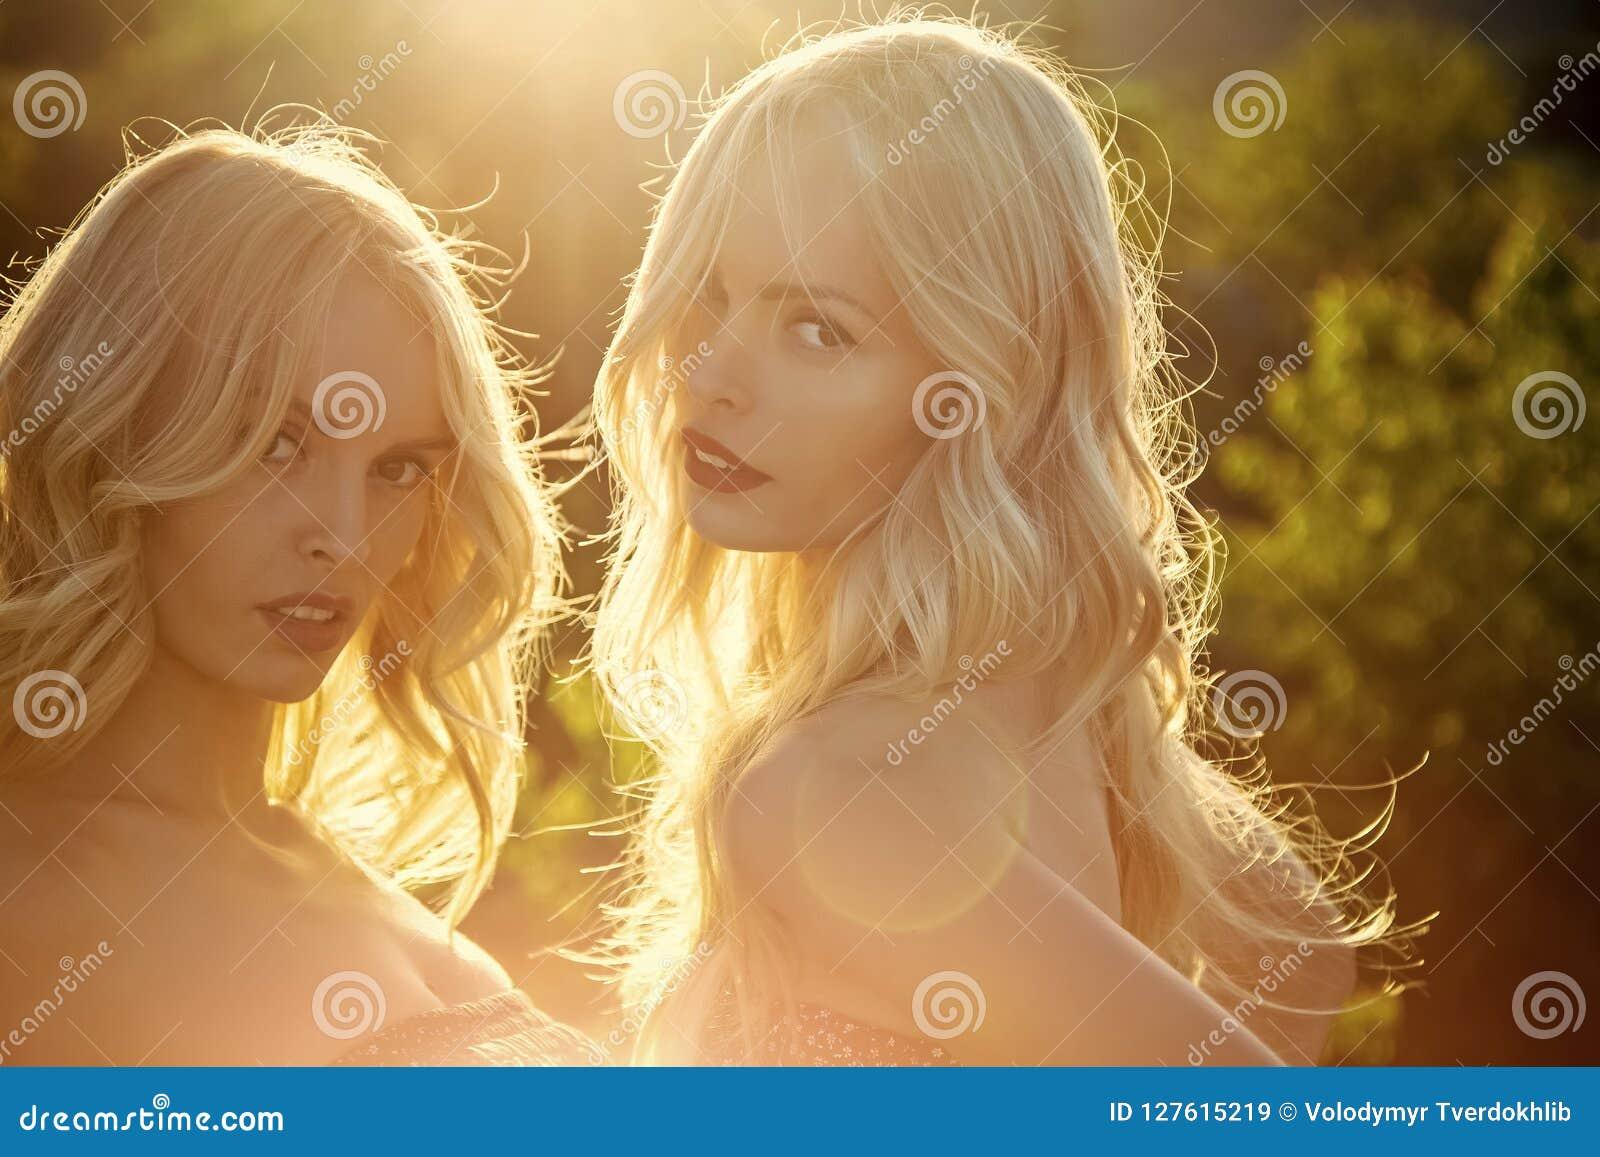 Lesbian Strapon Blonde Asian